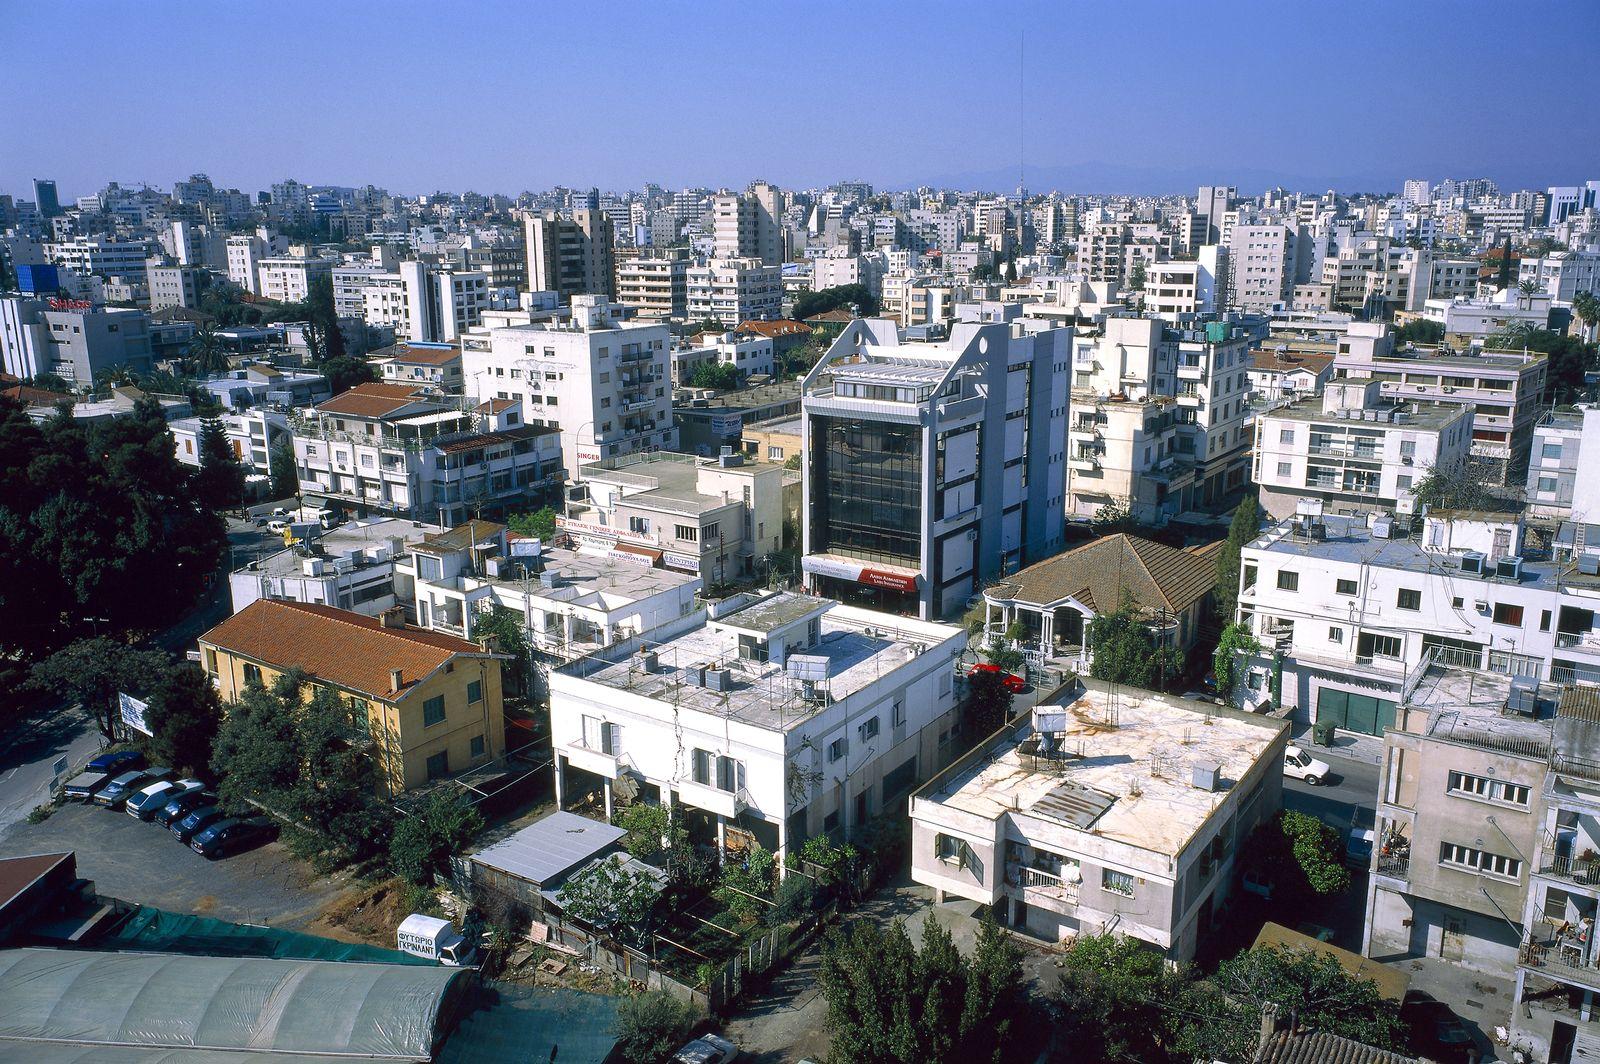 NICHT MEHR VERWENDEN! - Zypern / Nikosia